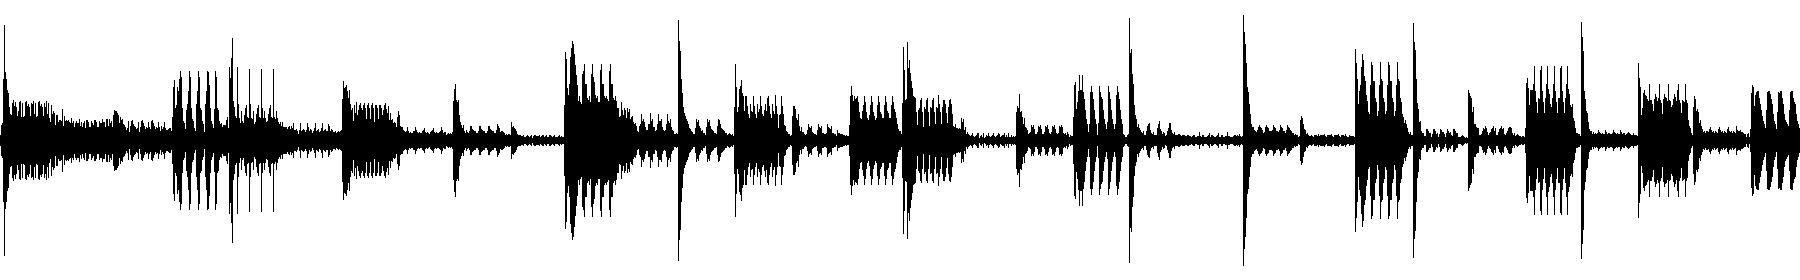 telekinesis loop 1